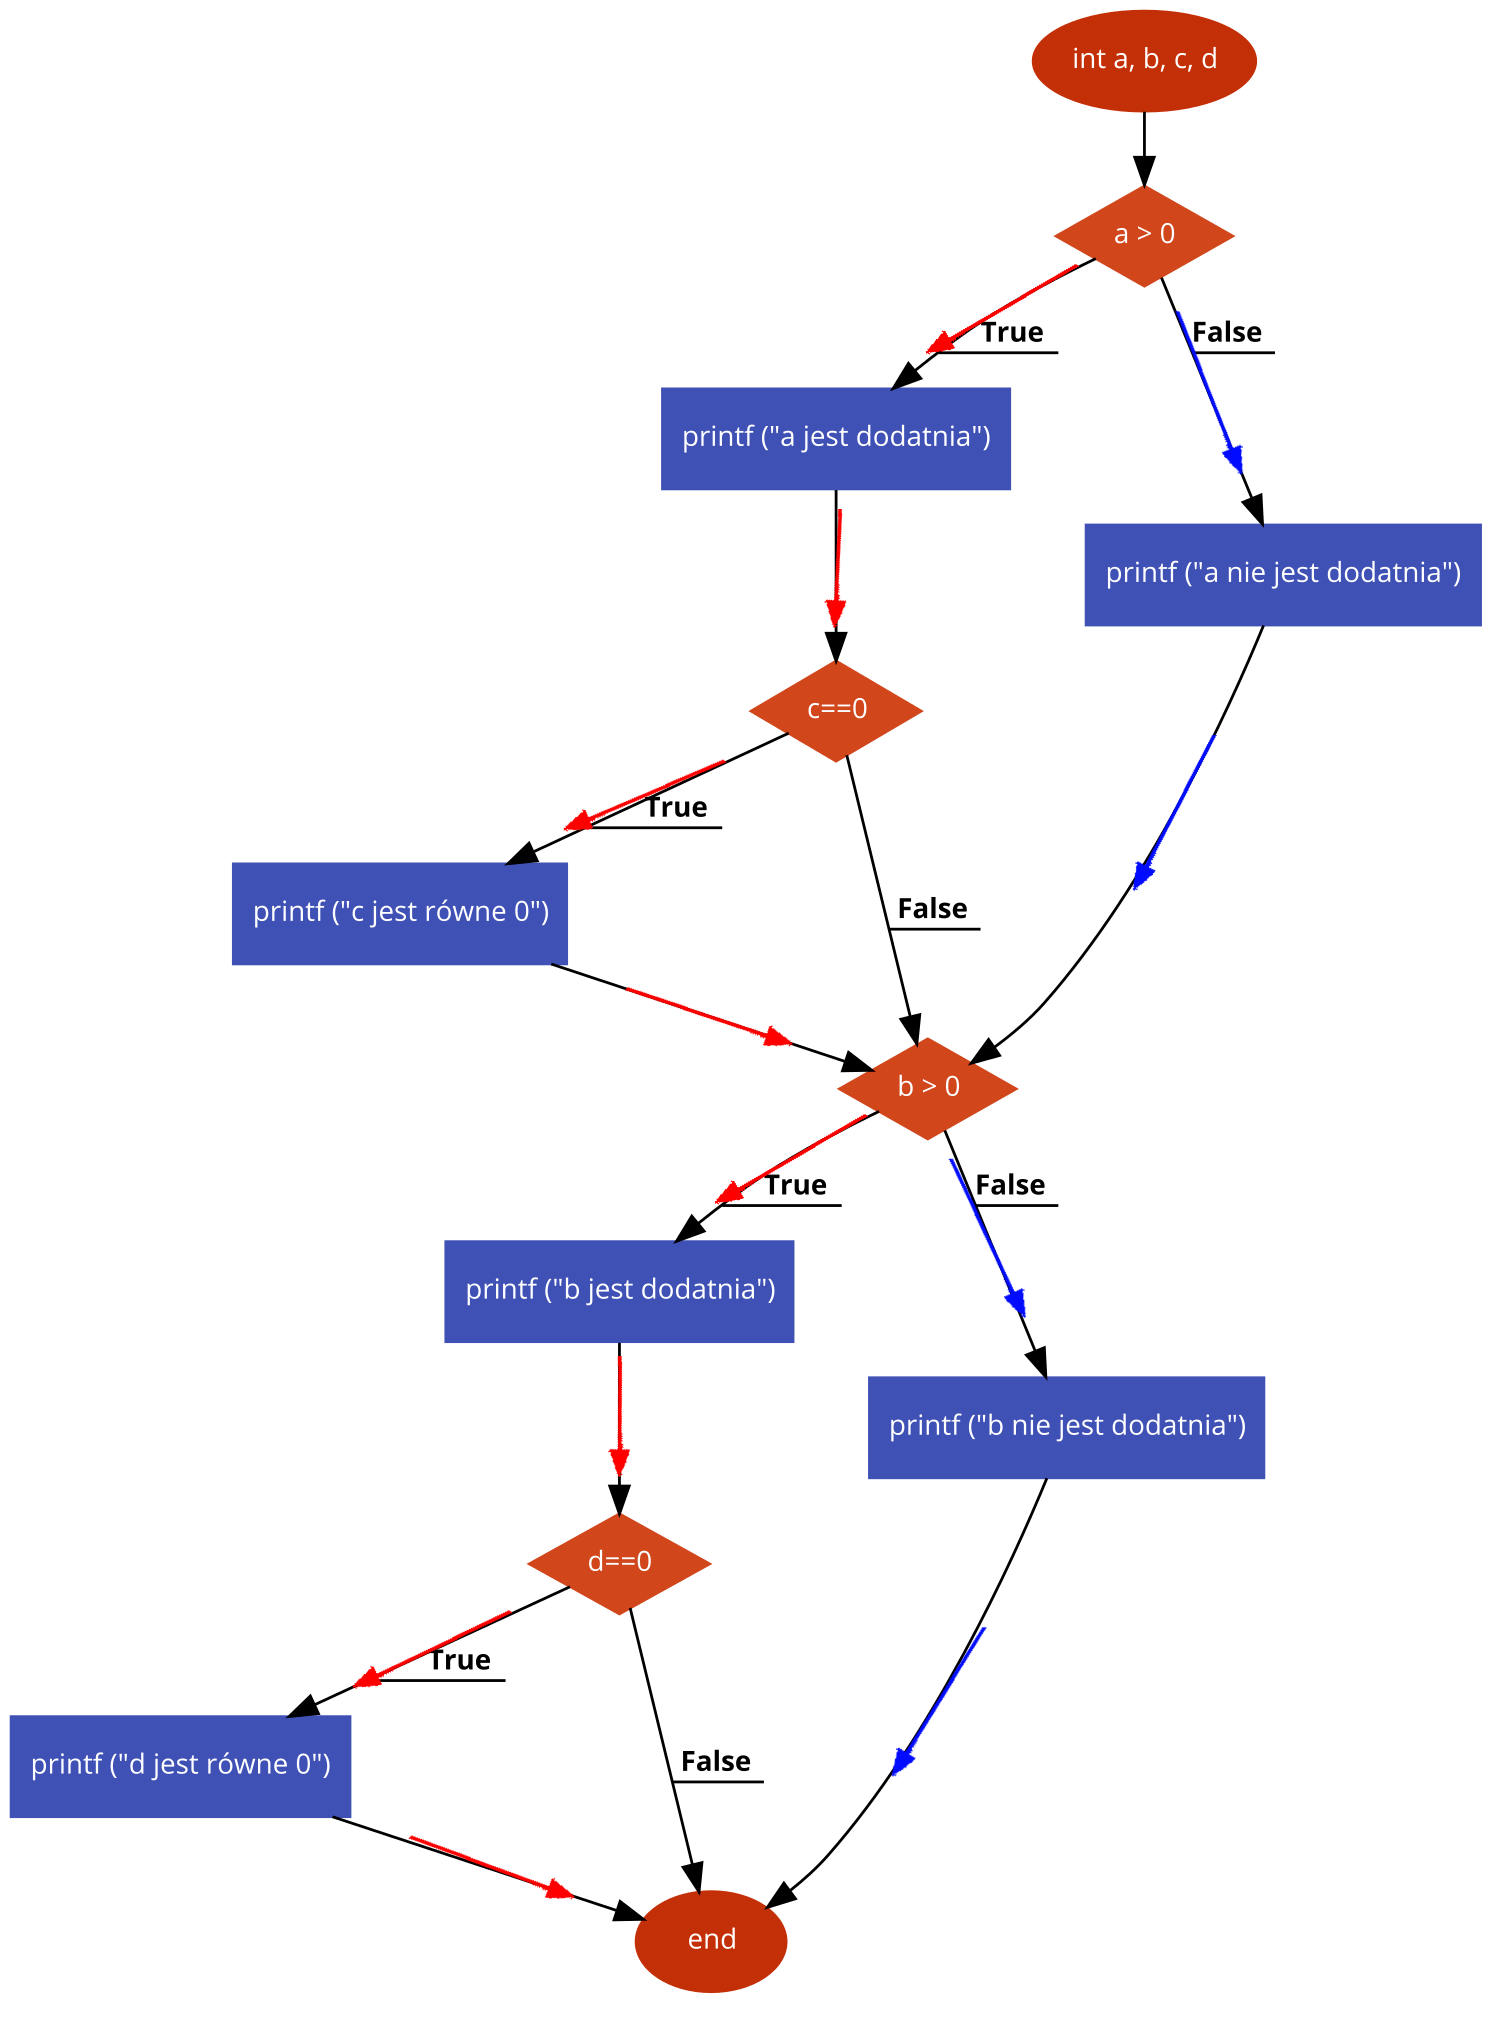 przyk2 testowanie instrukcji Testing.png - Tworzenie schematów blokowych i pseudokodu wspomagane narzędziami